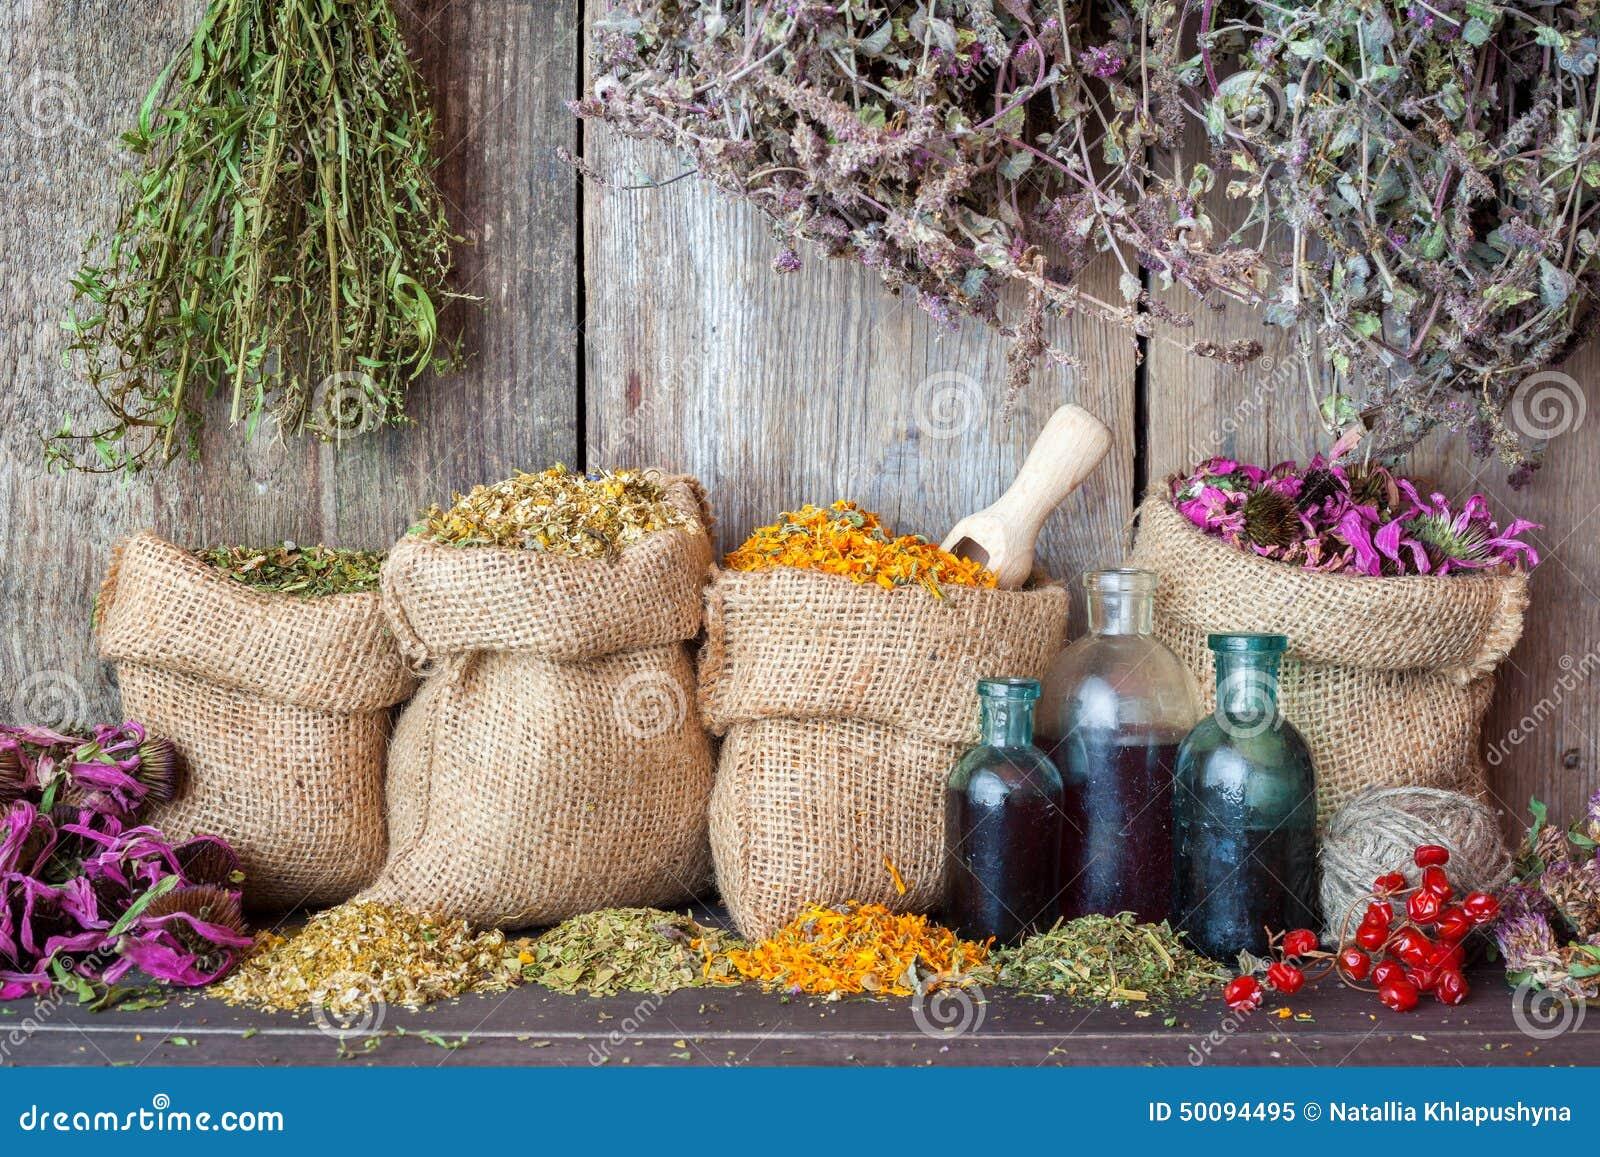 Heilende Kräuter in den Taschen des groben Sackzeugs und Flaschen ätherisches Öl